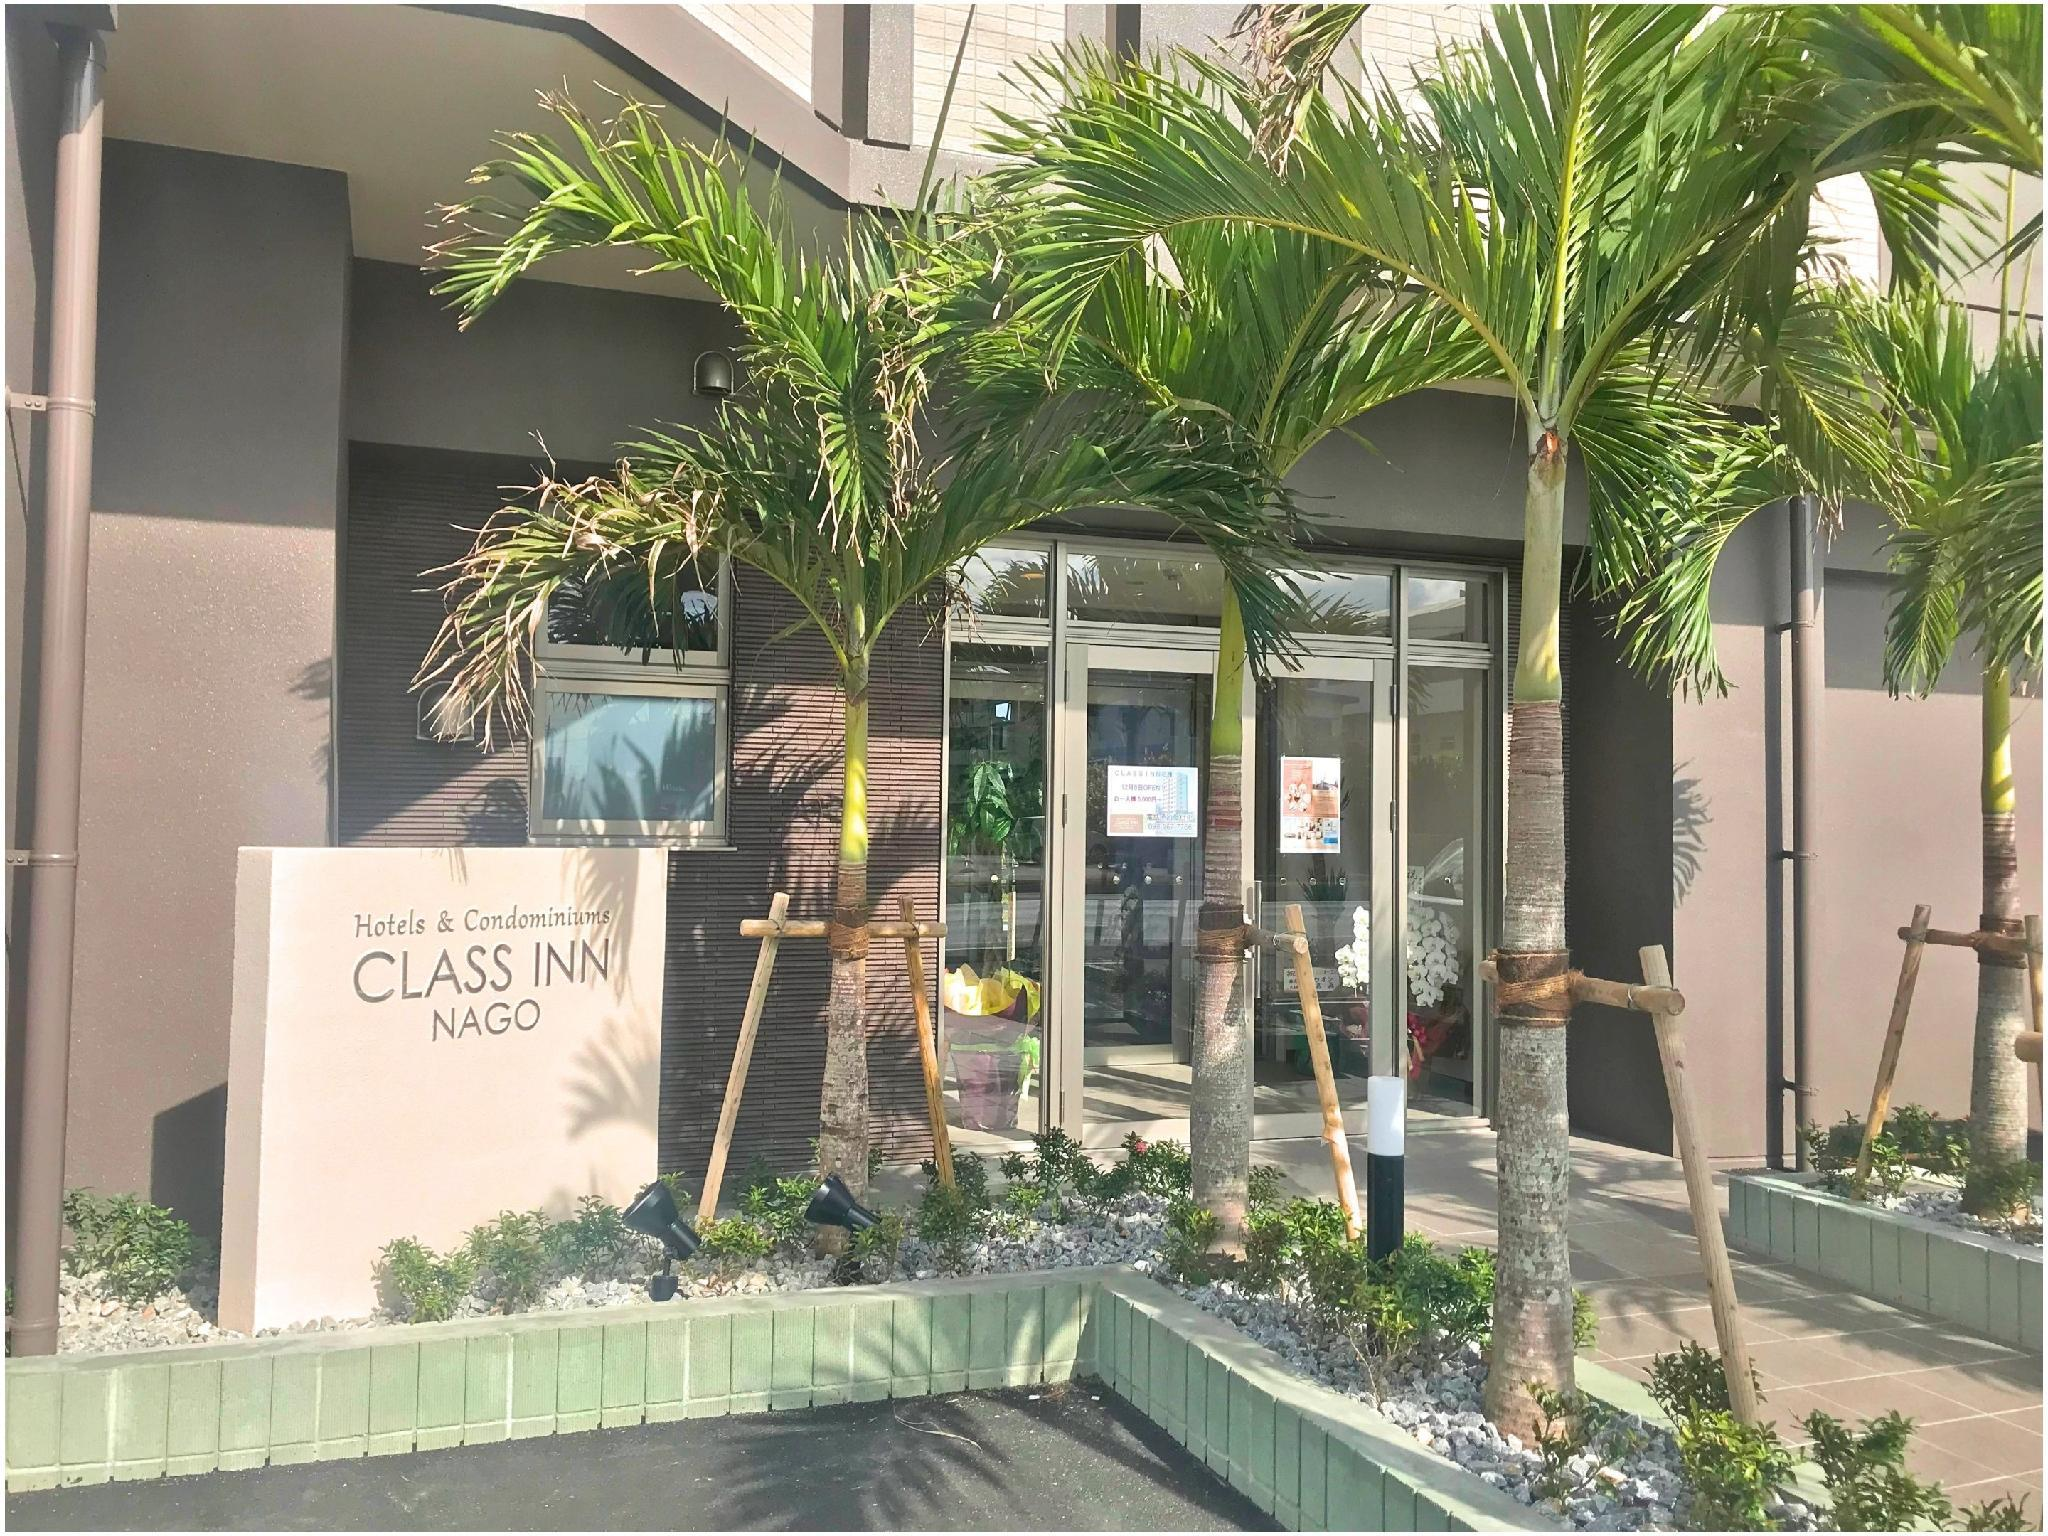 Class Inn Nago